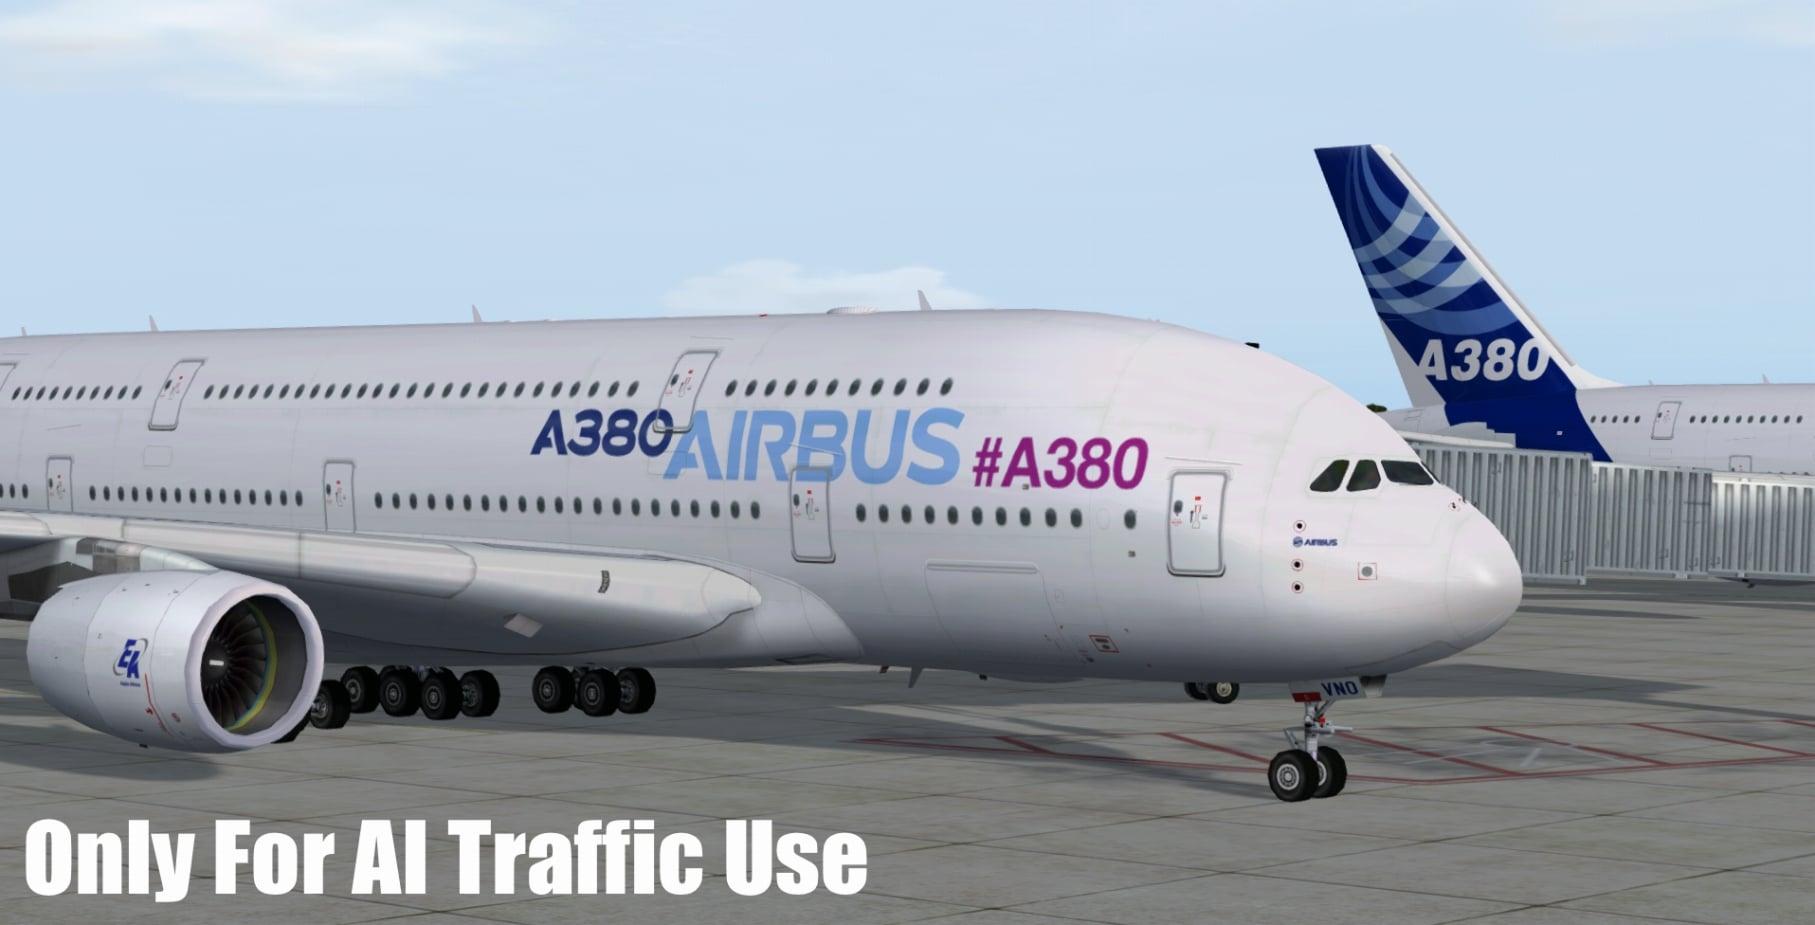 FSPXAI – Airbus A380 FSX/P3D AI-Traffic